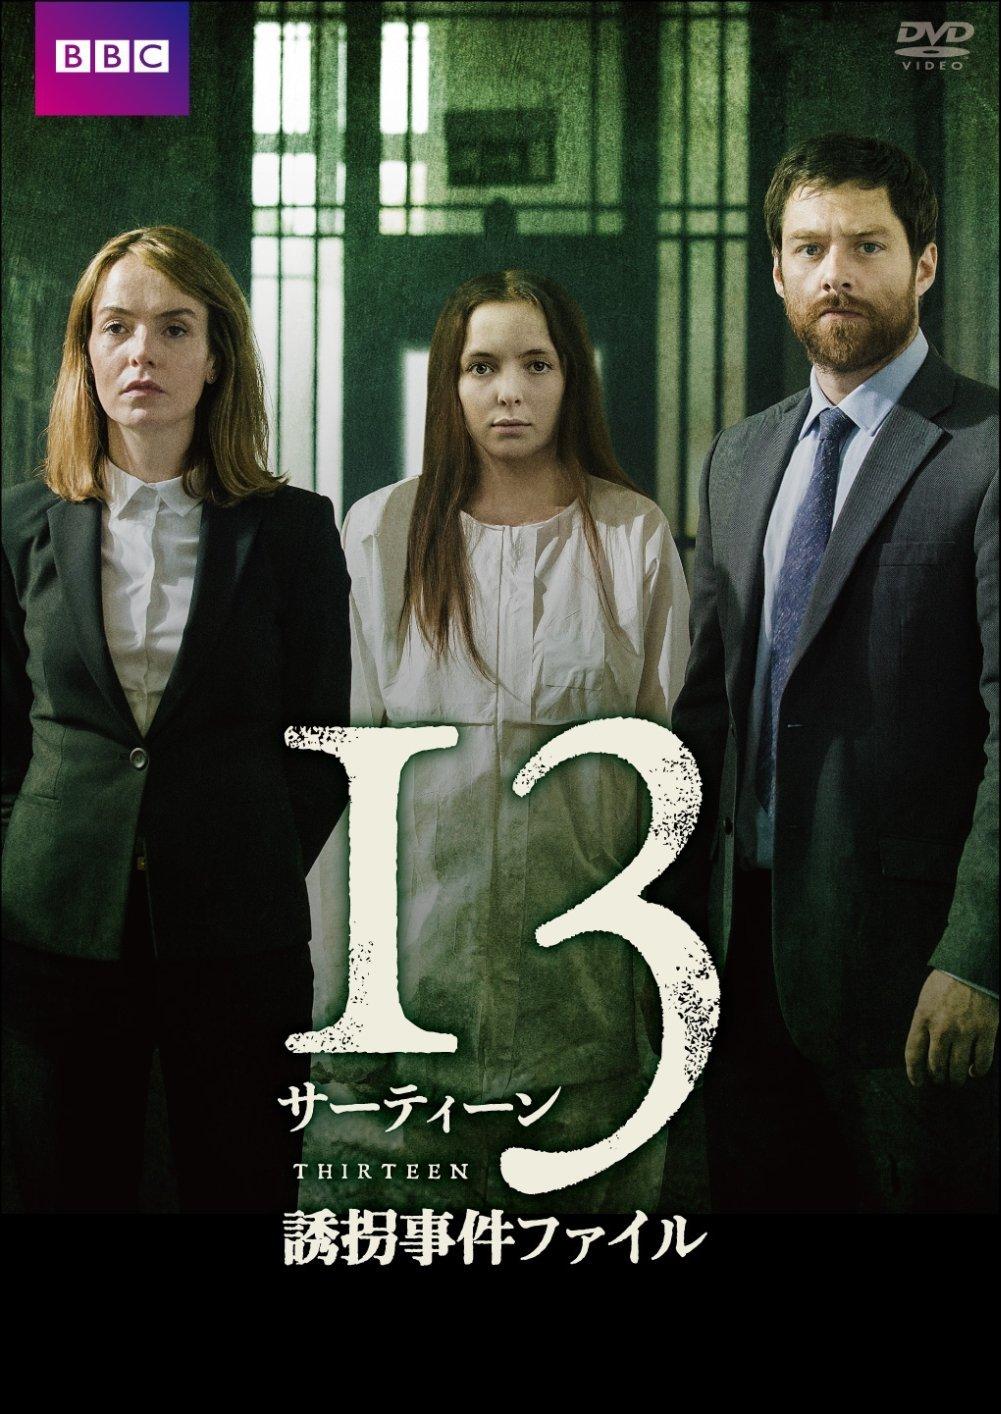 サーティーン/13誘拐事件ファイル